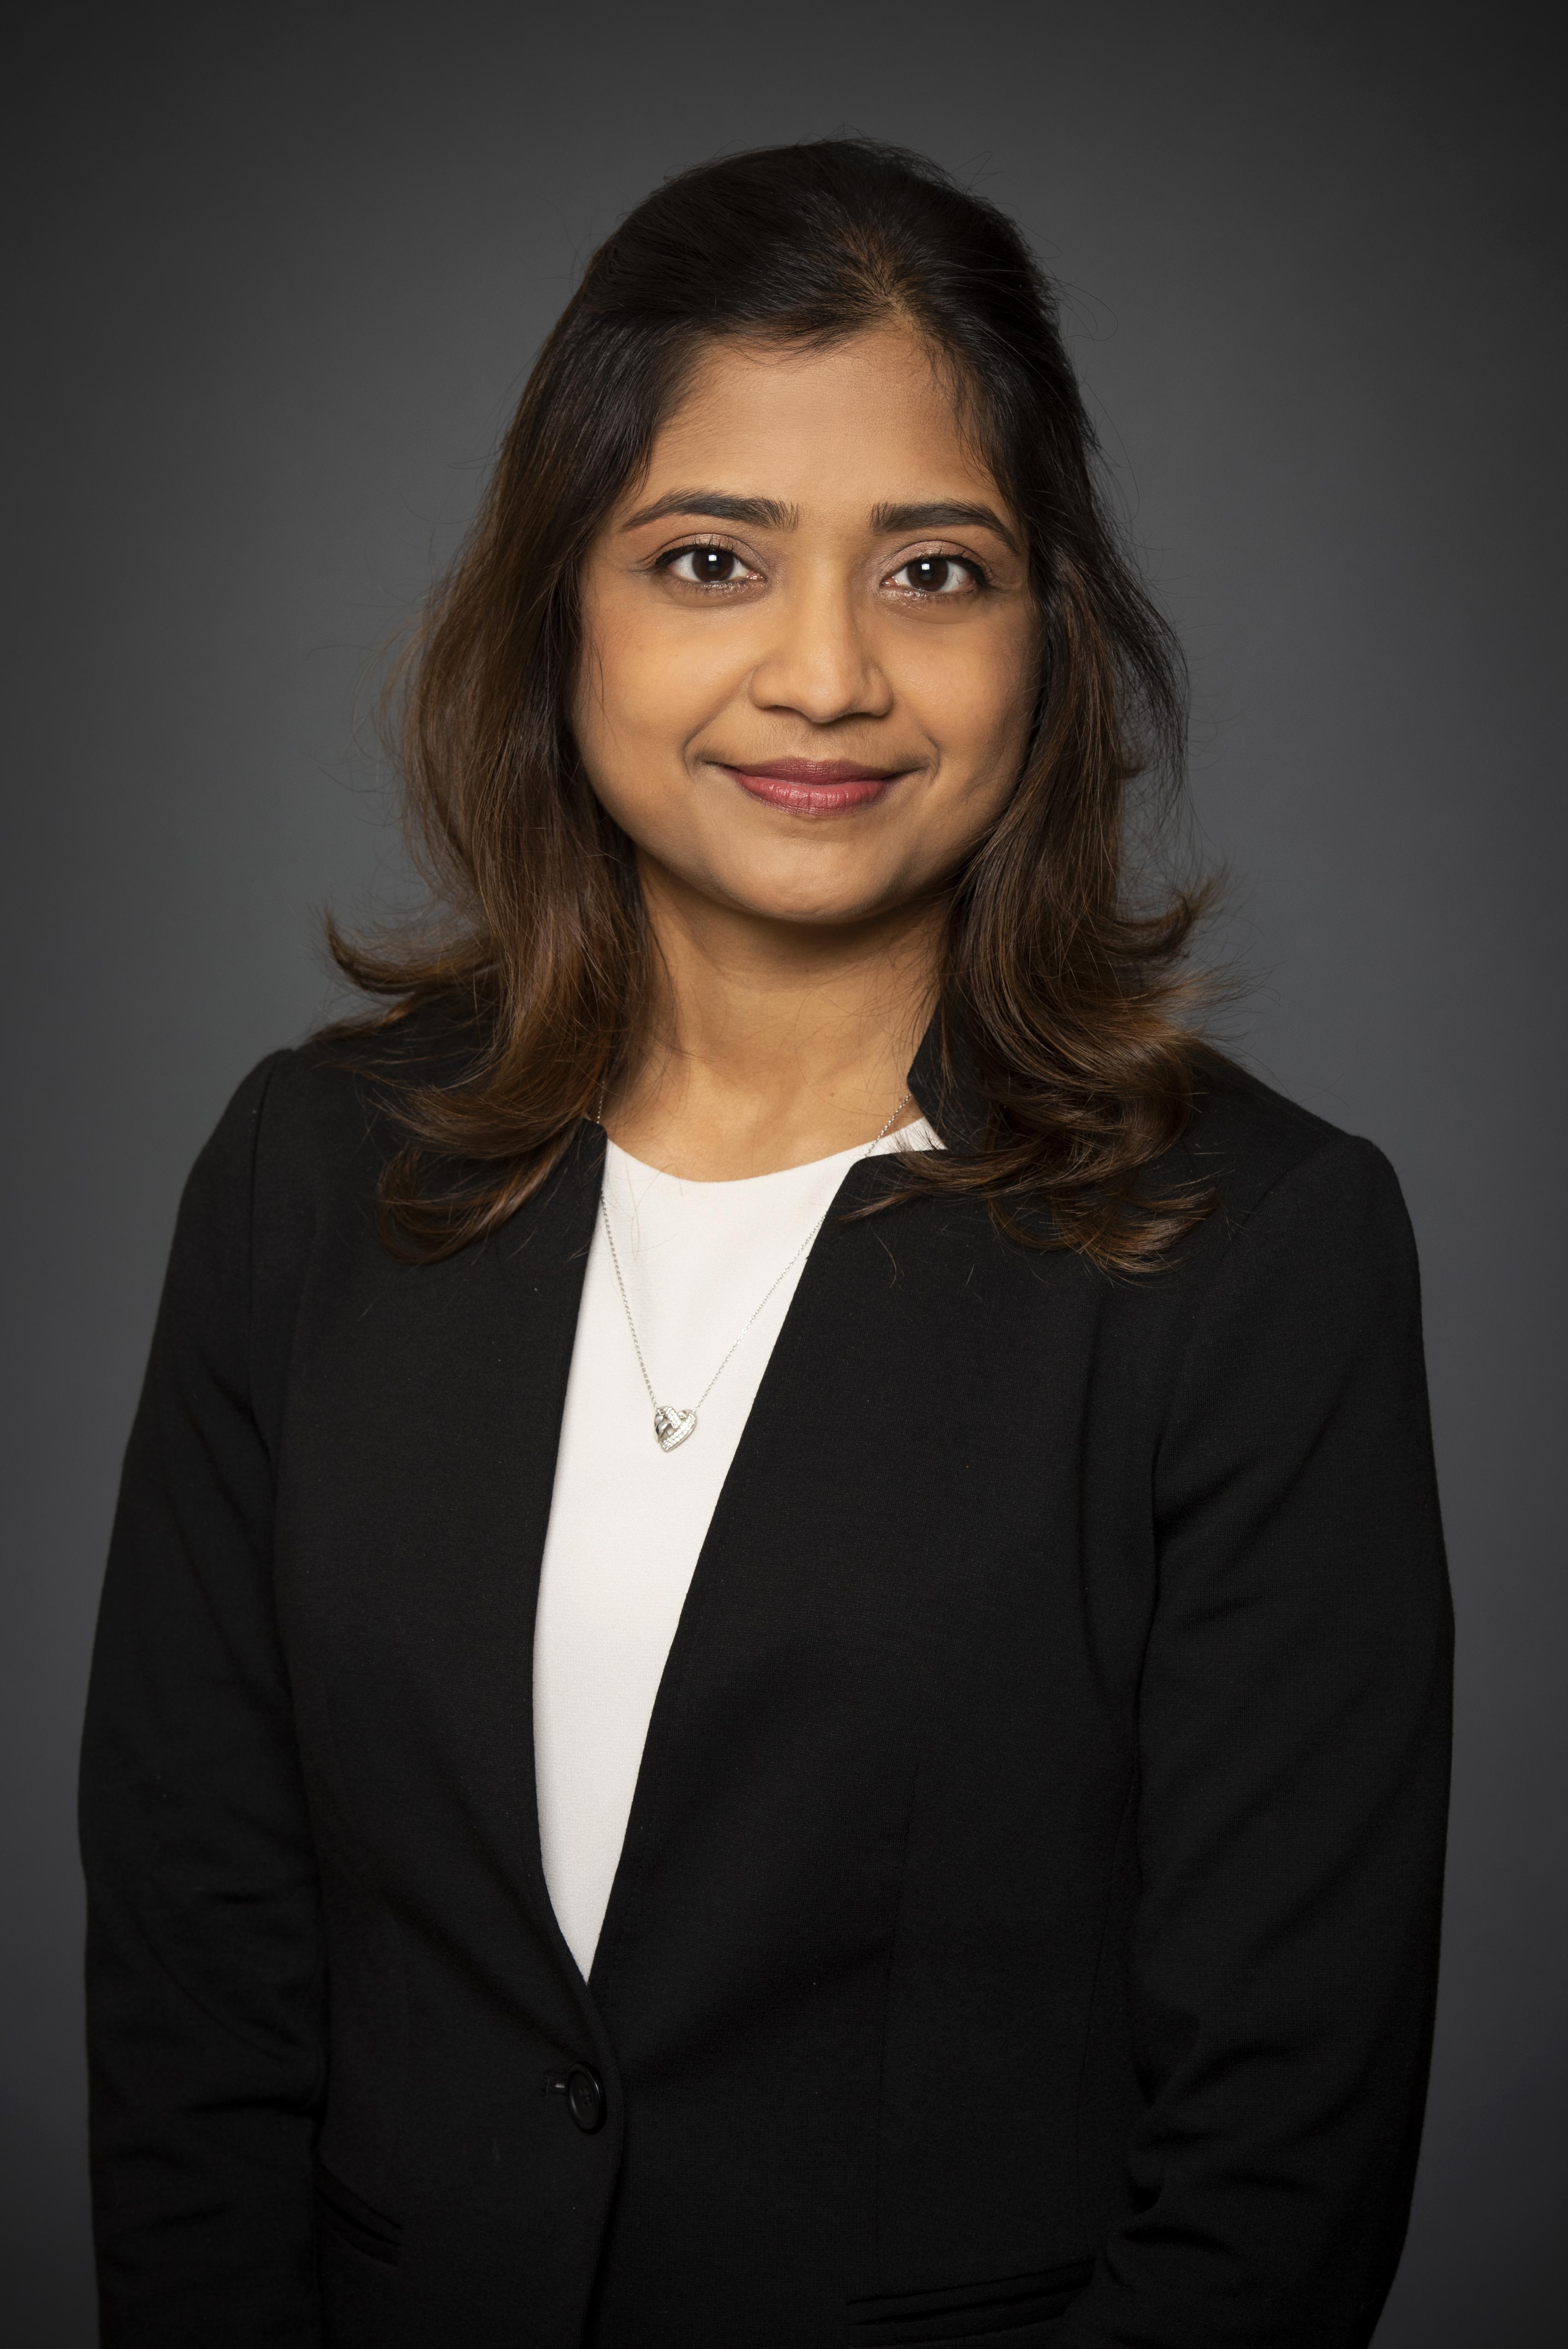 Dr. Shveta Bali